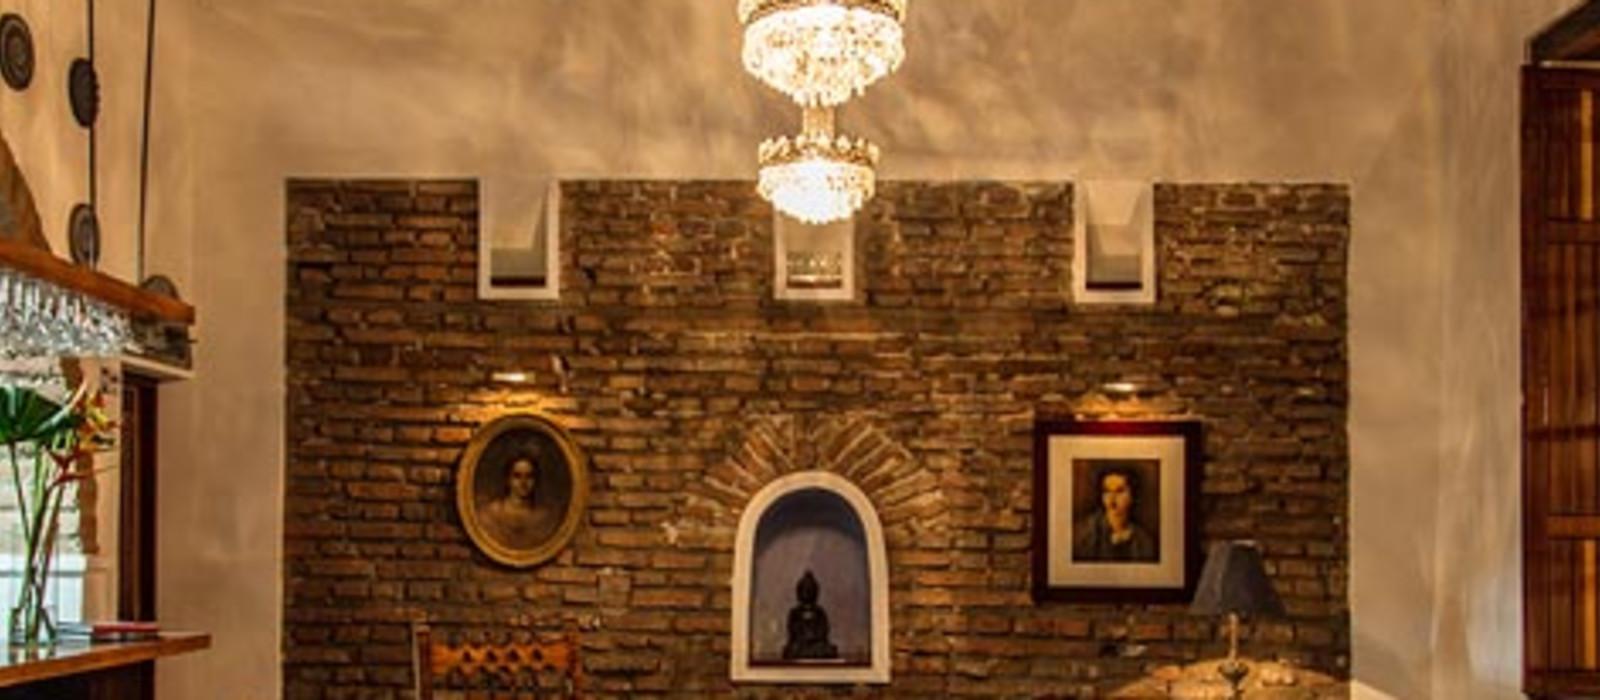 Hotel Casa Isabella Colombia